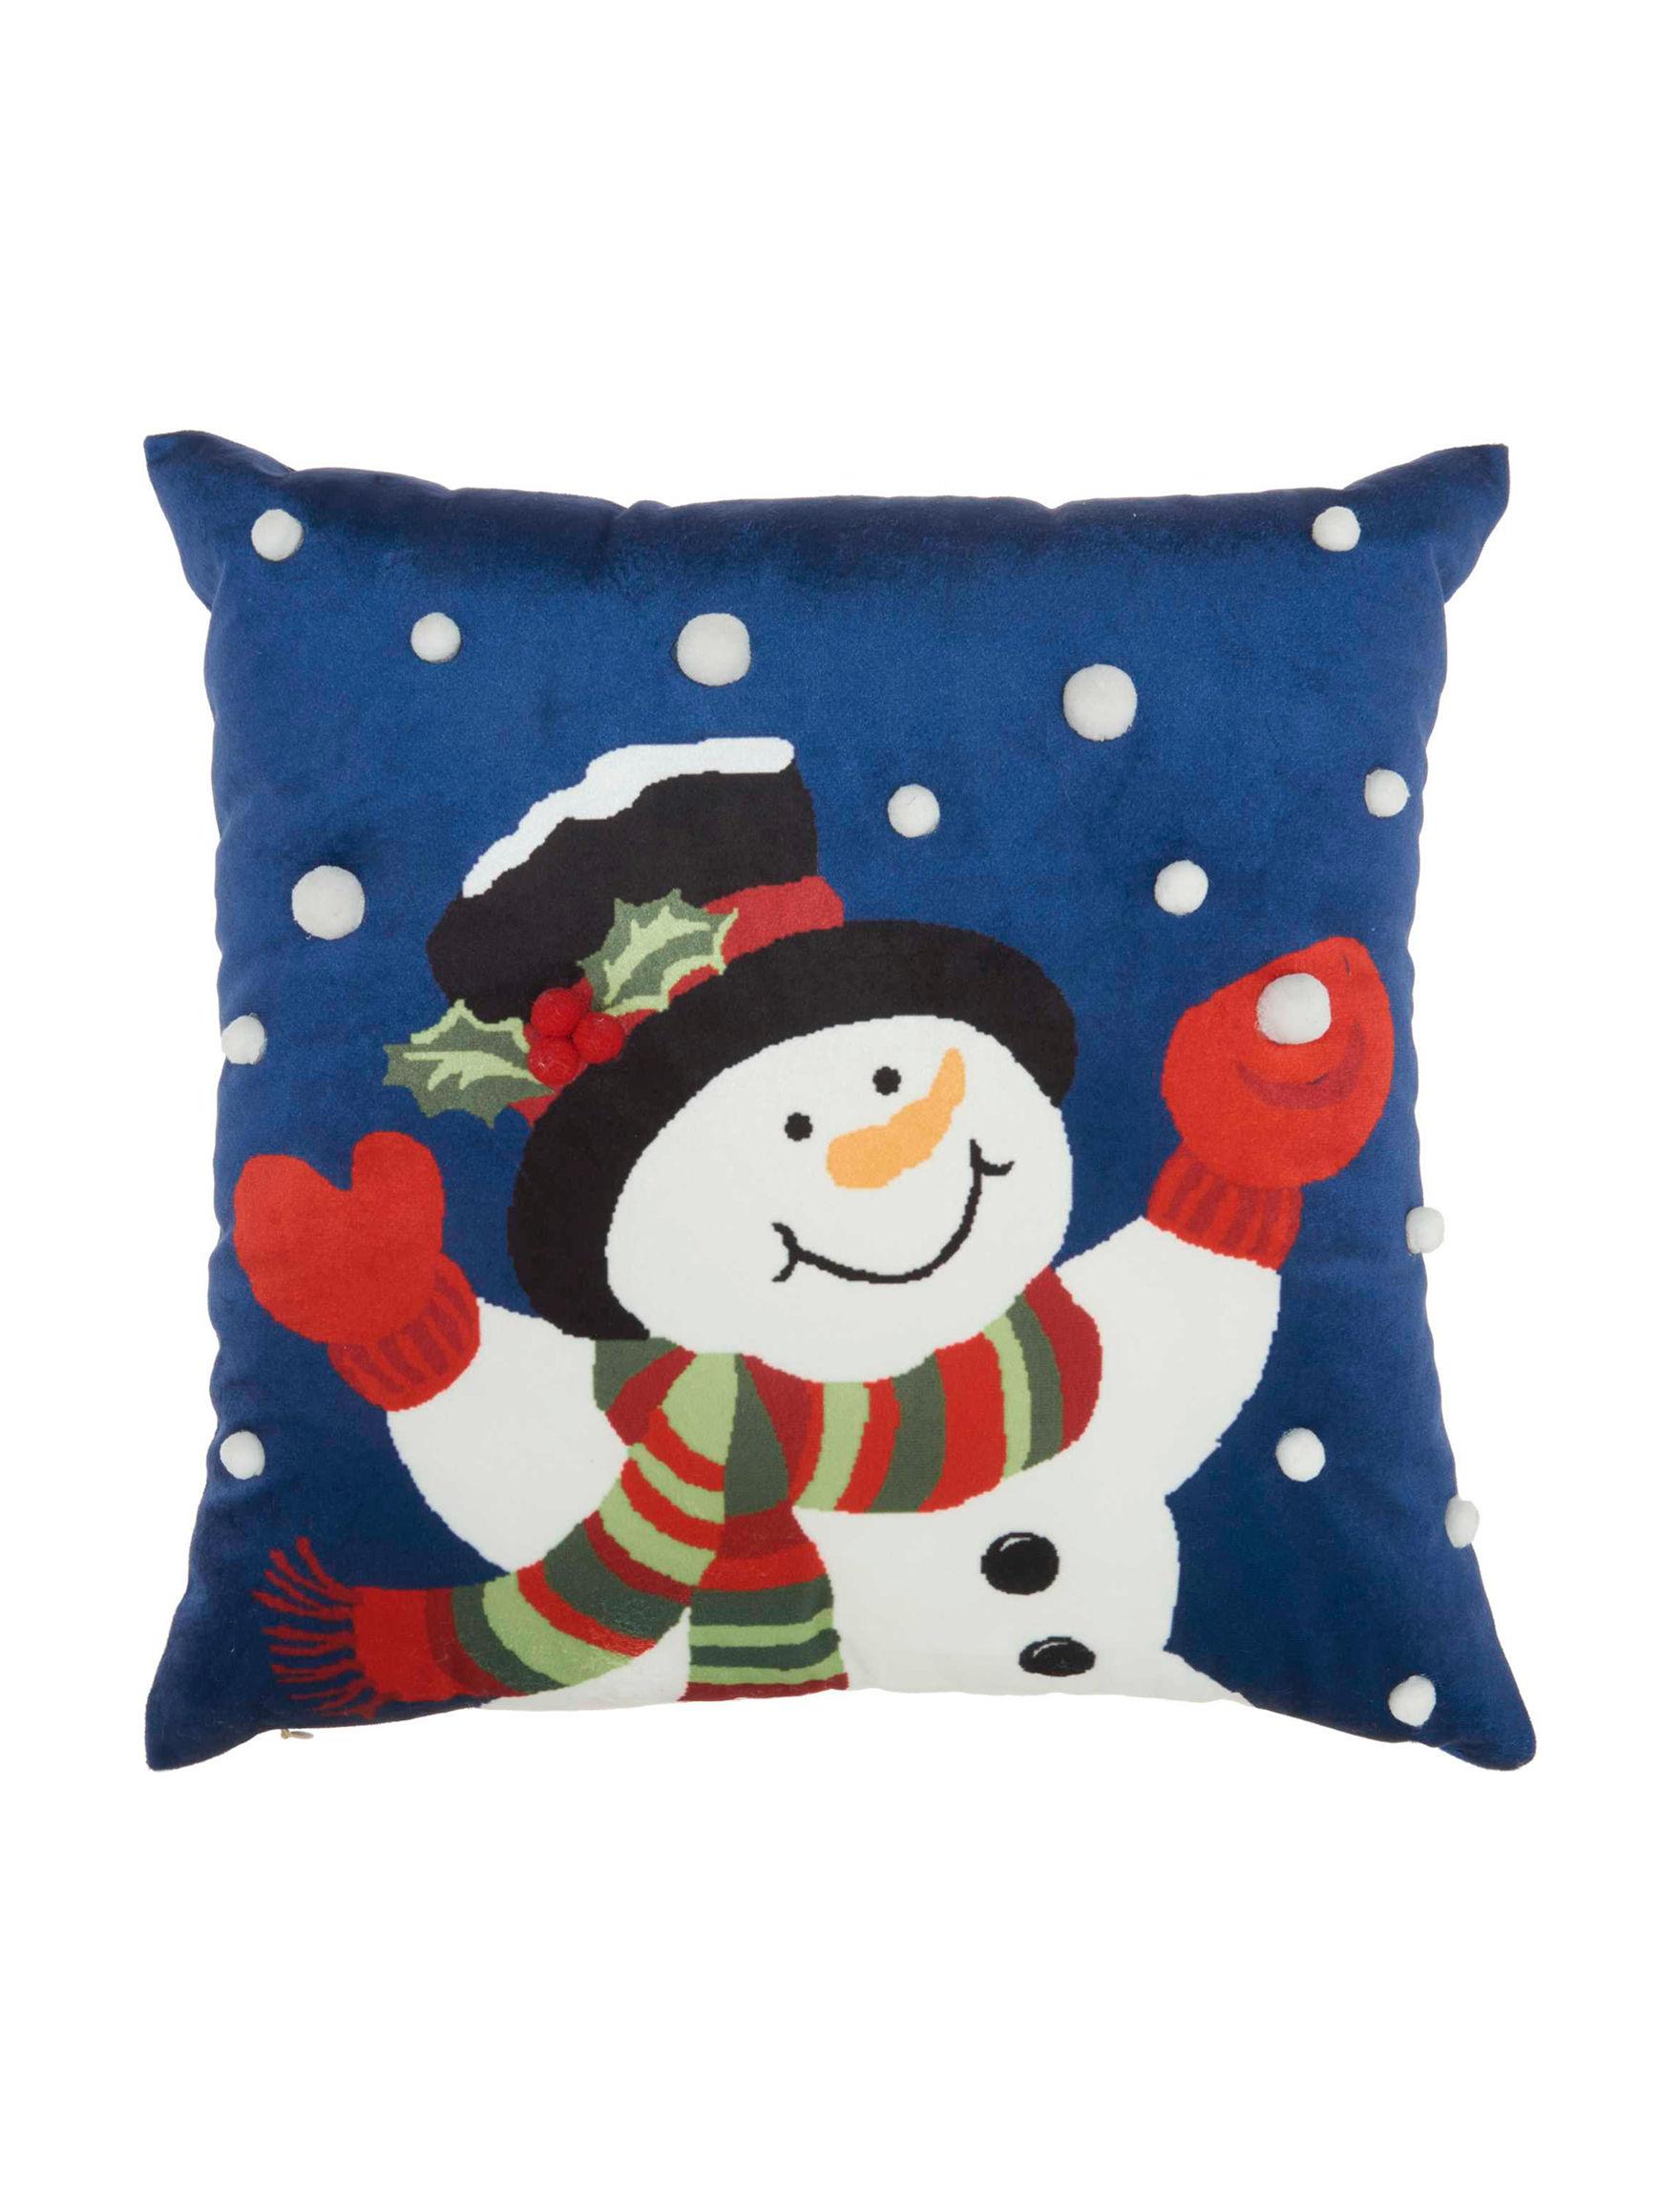 Nourison Blue Decorative Pillows